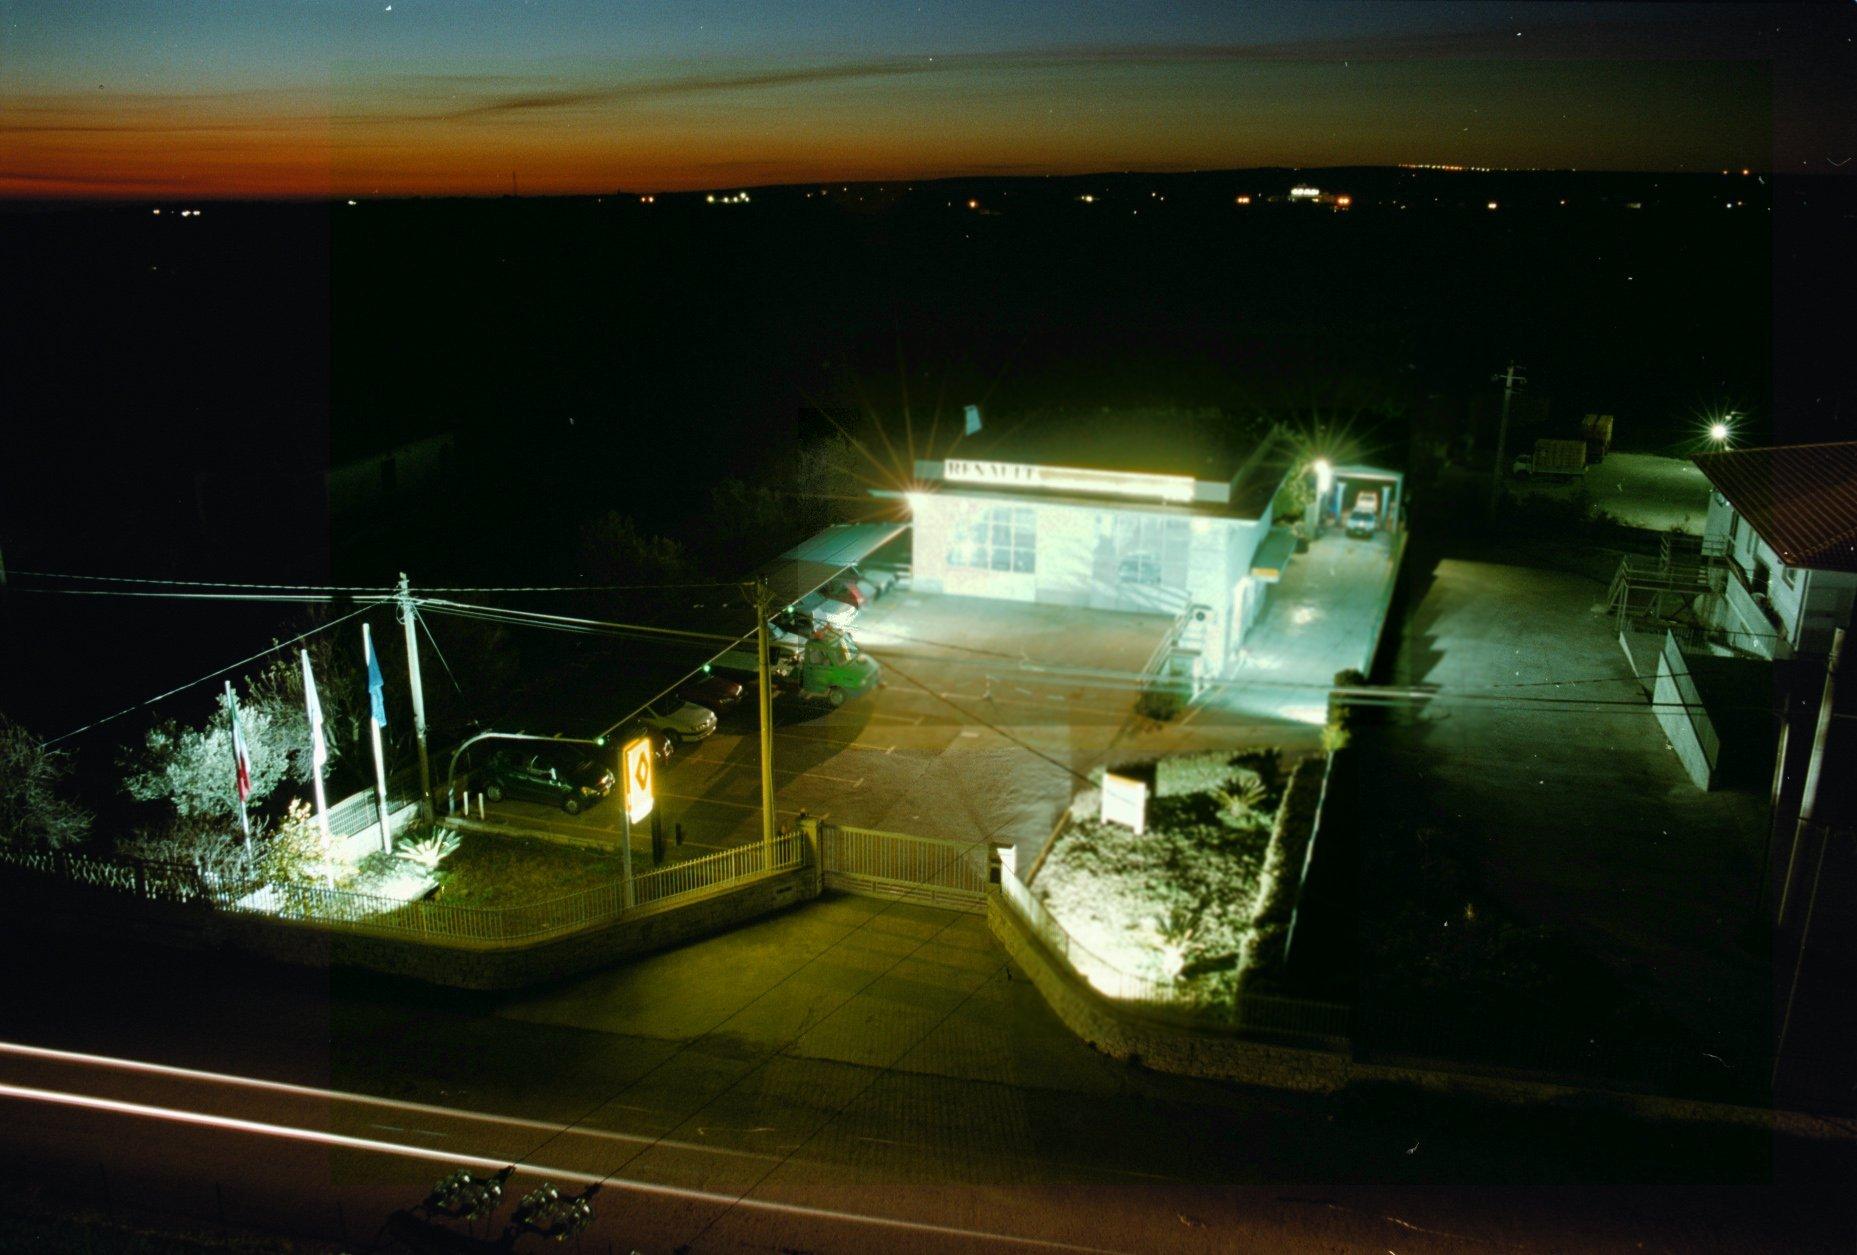 vista dell'autoconcessionaria di martino di notte dall'alto